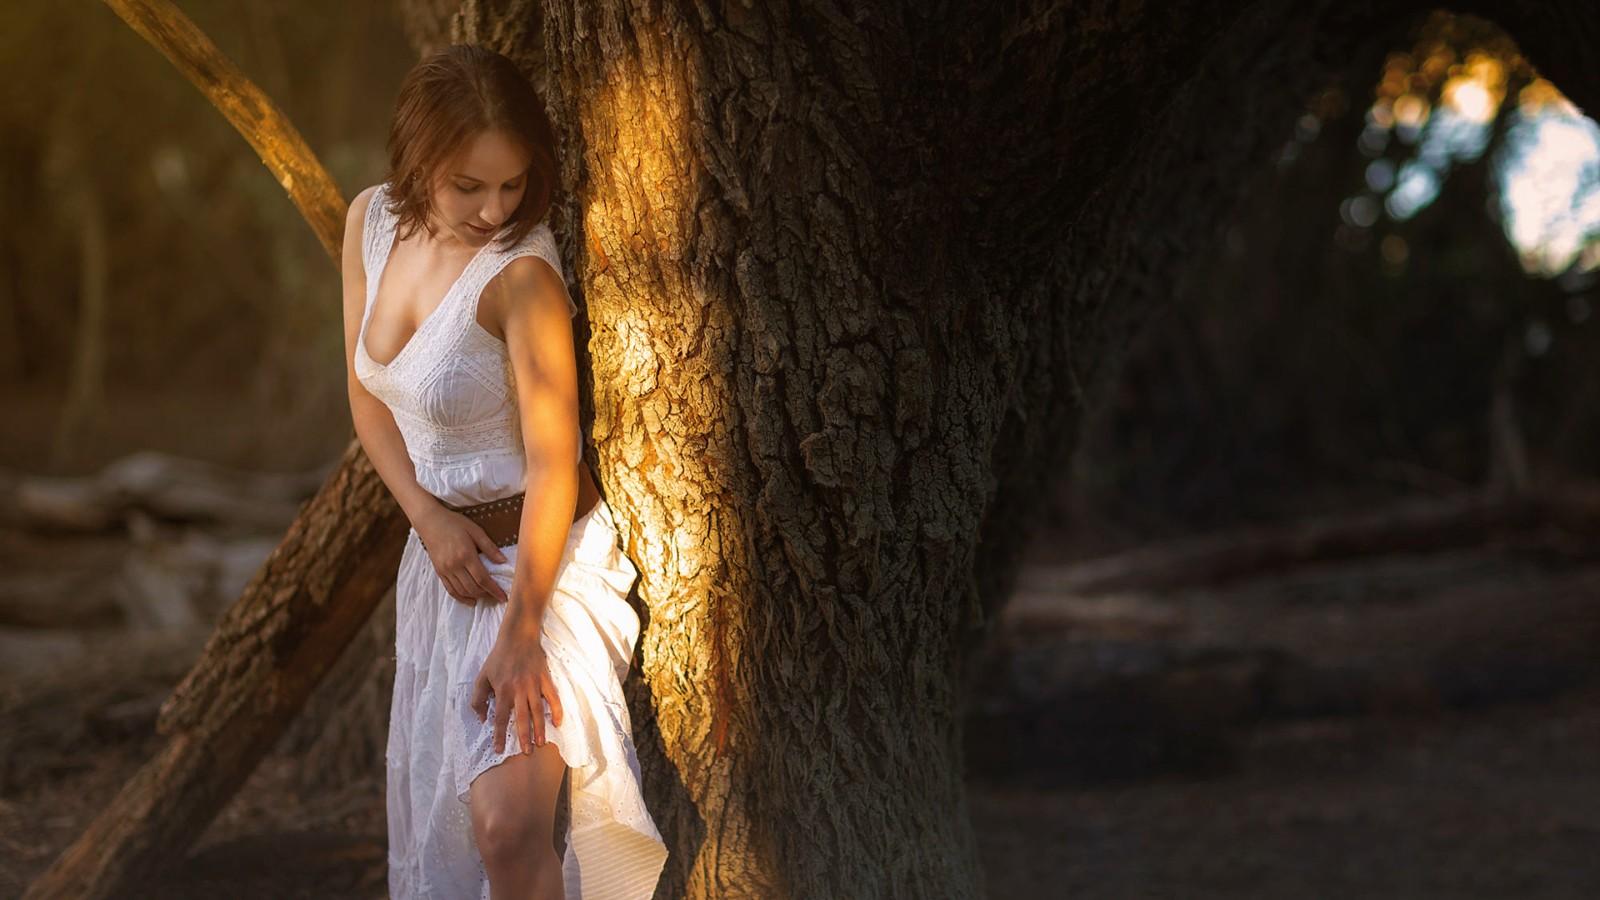 树林里白色裙子性感美女电脑壁纸